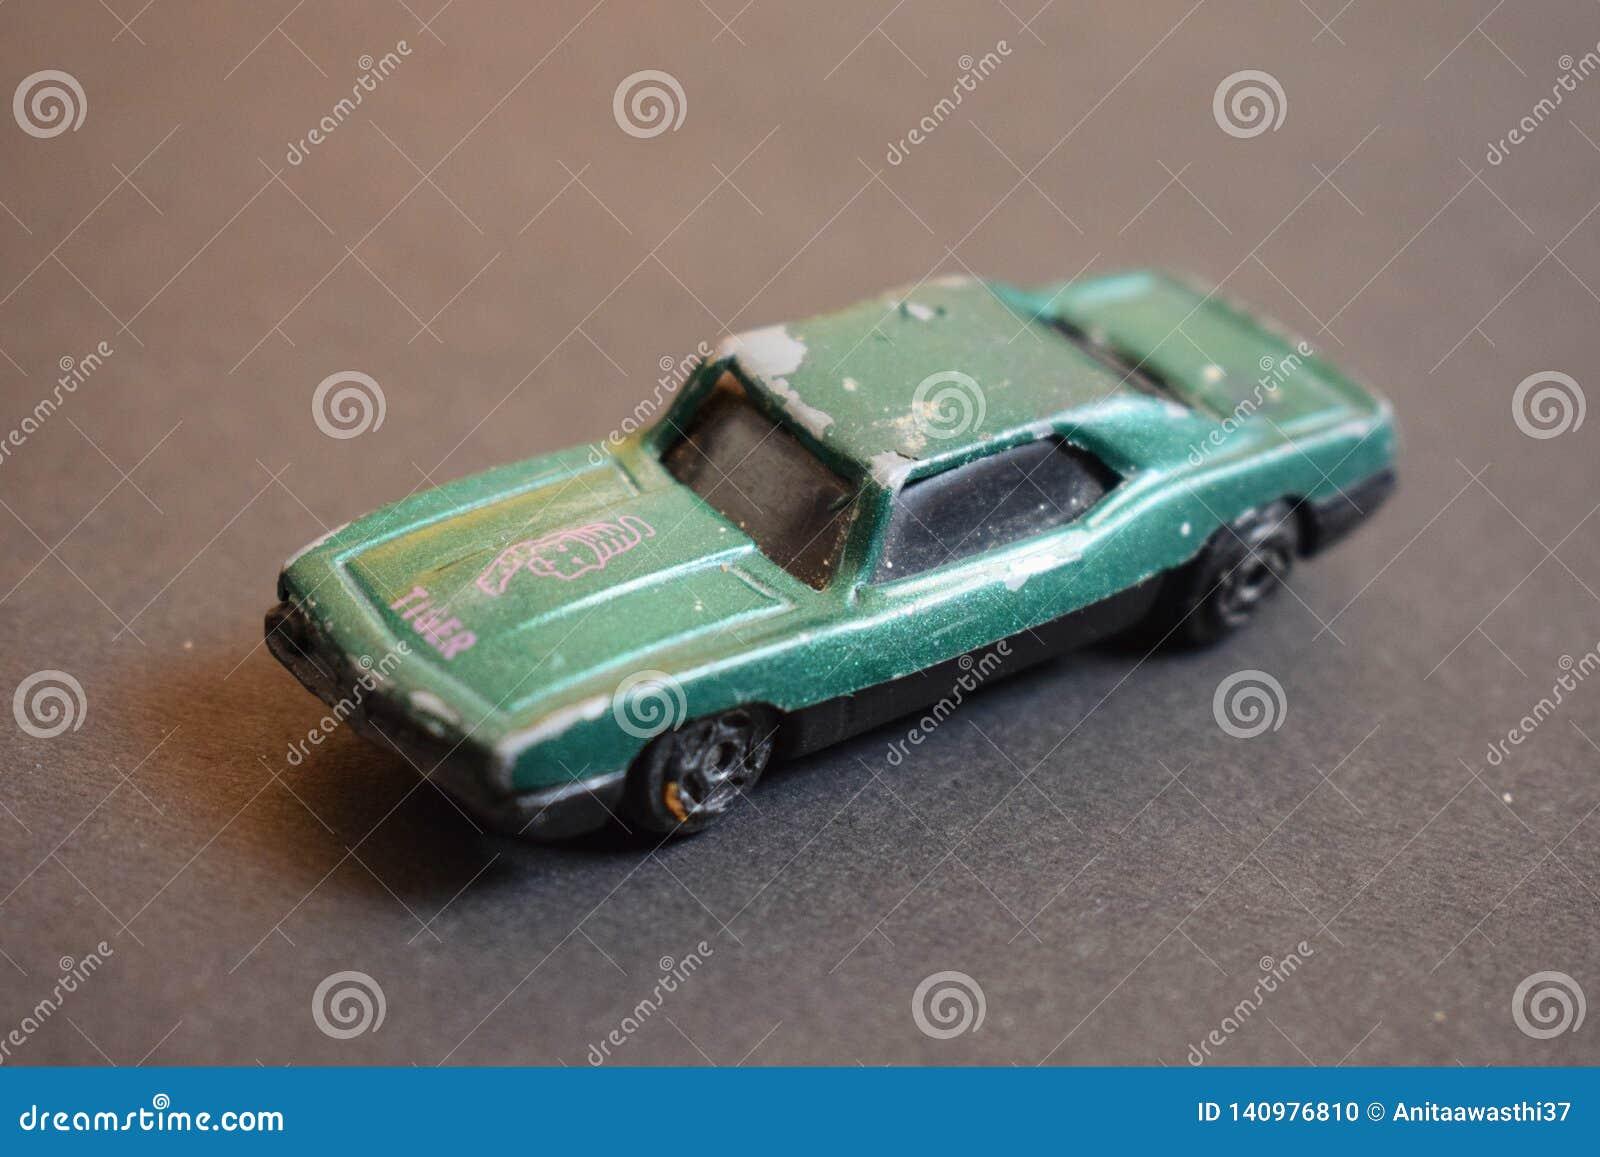 Fermez-vous de la voiture détruite colorée verte de jouet